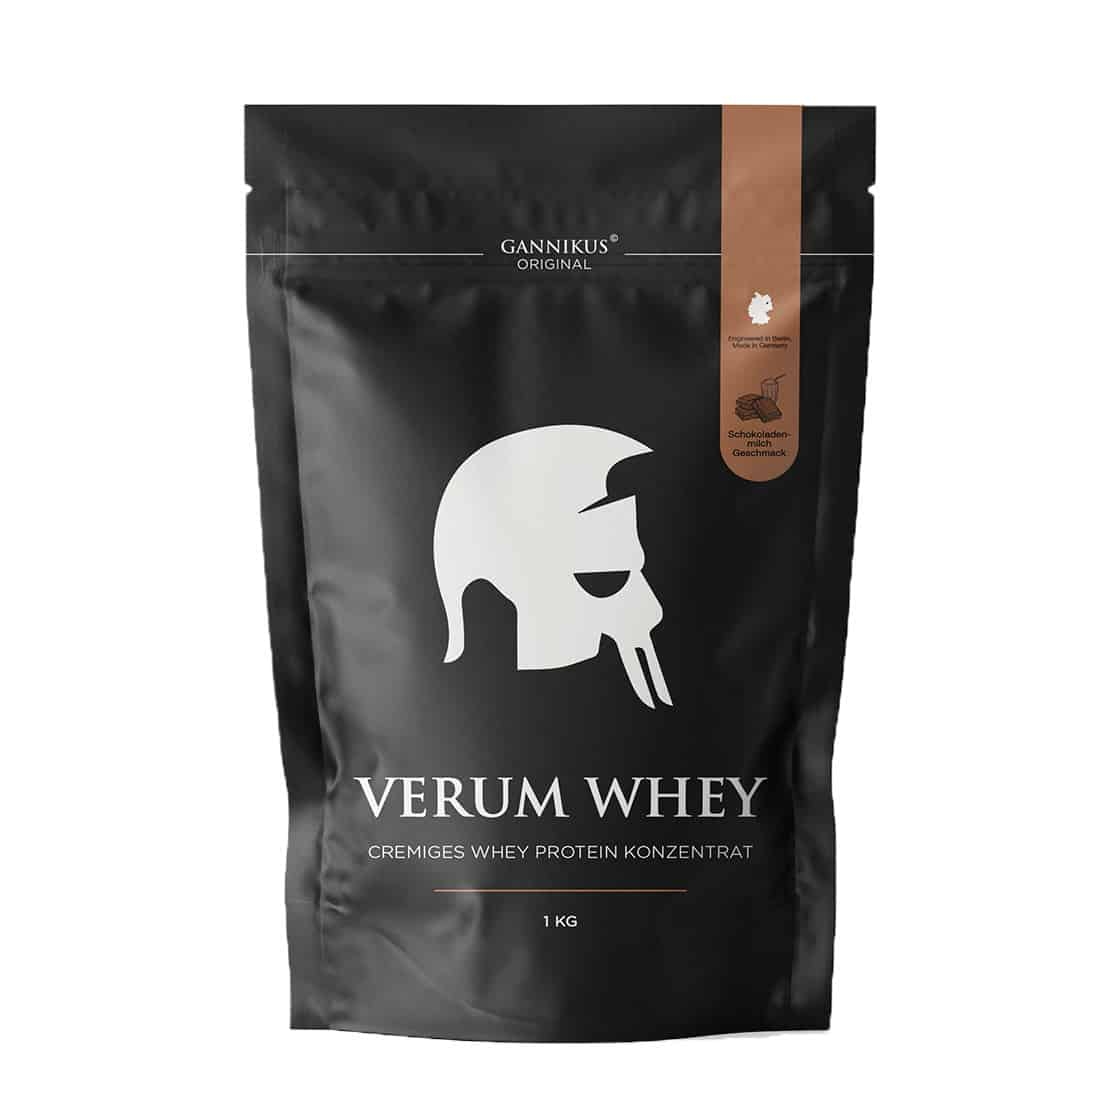 Verum Whey Protein Test